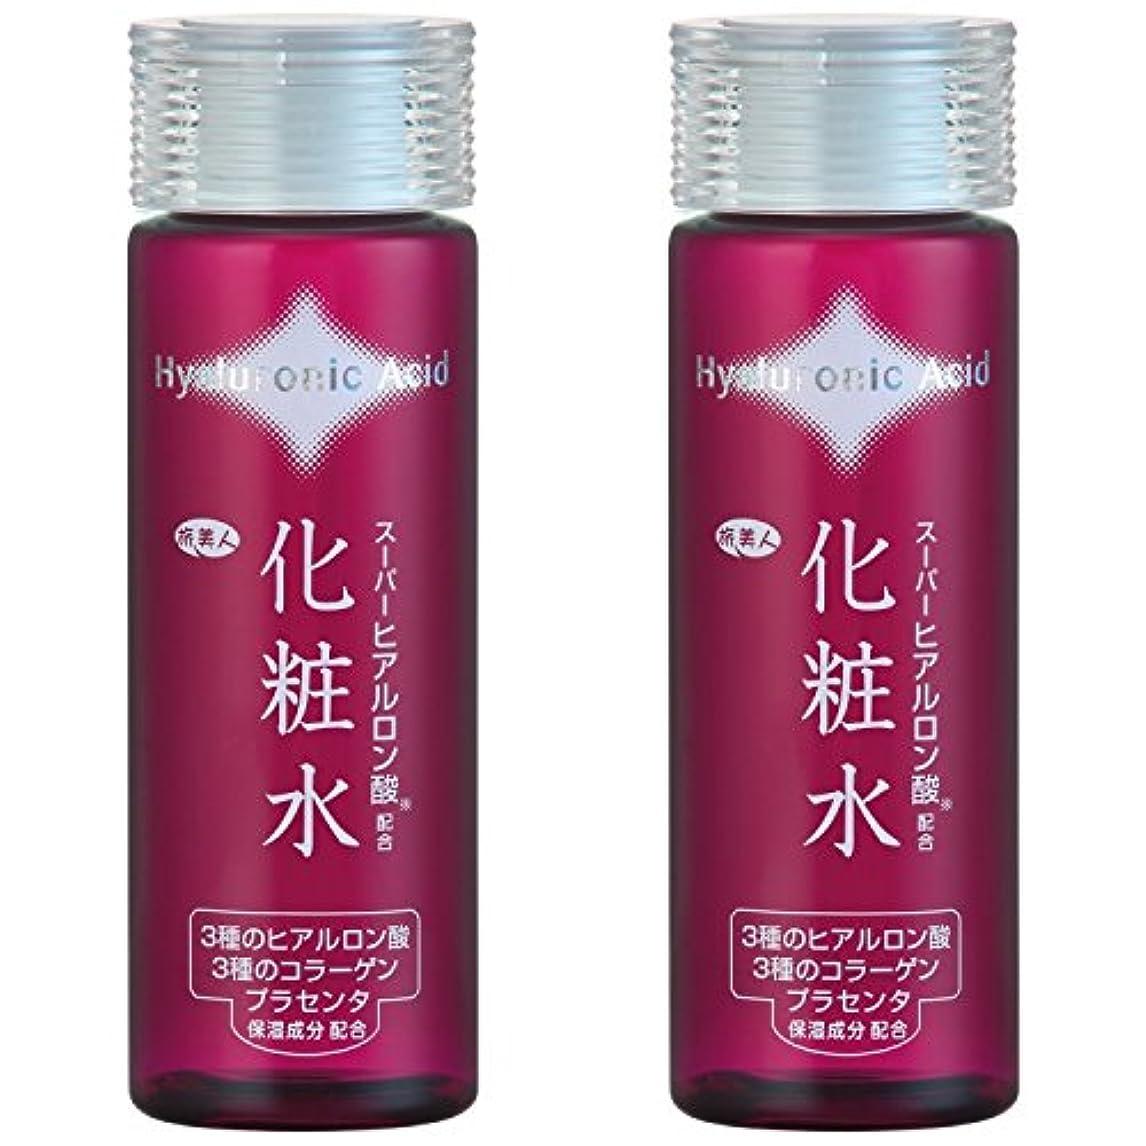 繊細蒸発息切れアズマ商事の スーパーヒアルロン酸配合 化粧水2本セット / 7種の整肌保湿成分を贅沢配合 旅美人